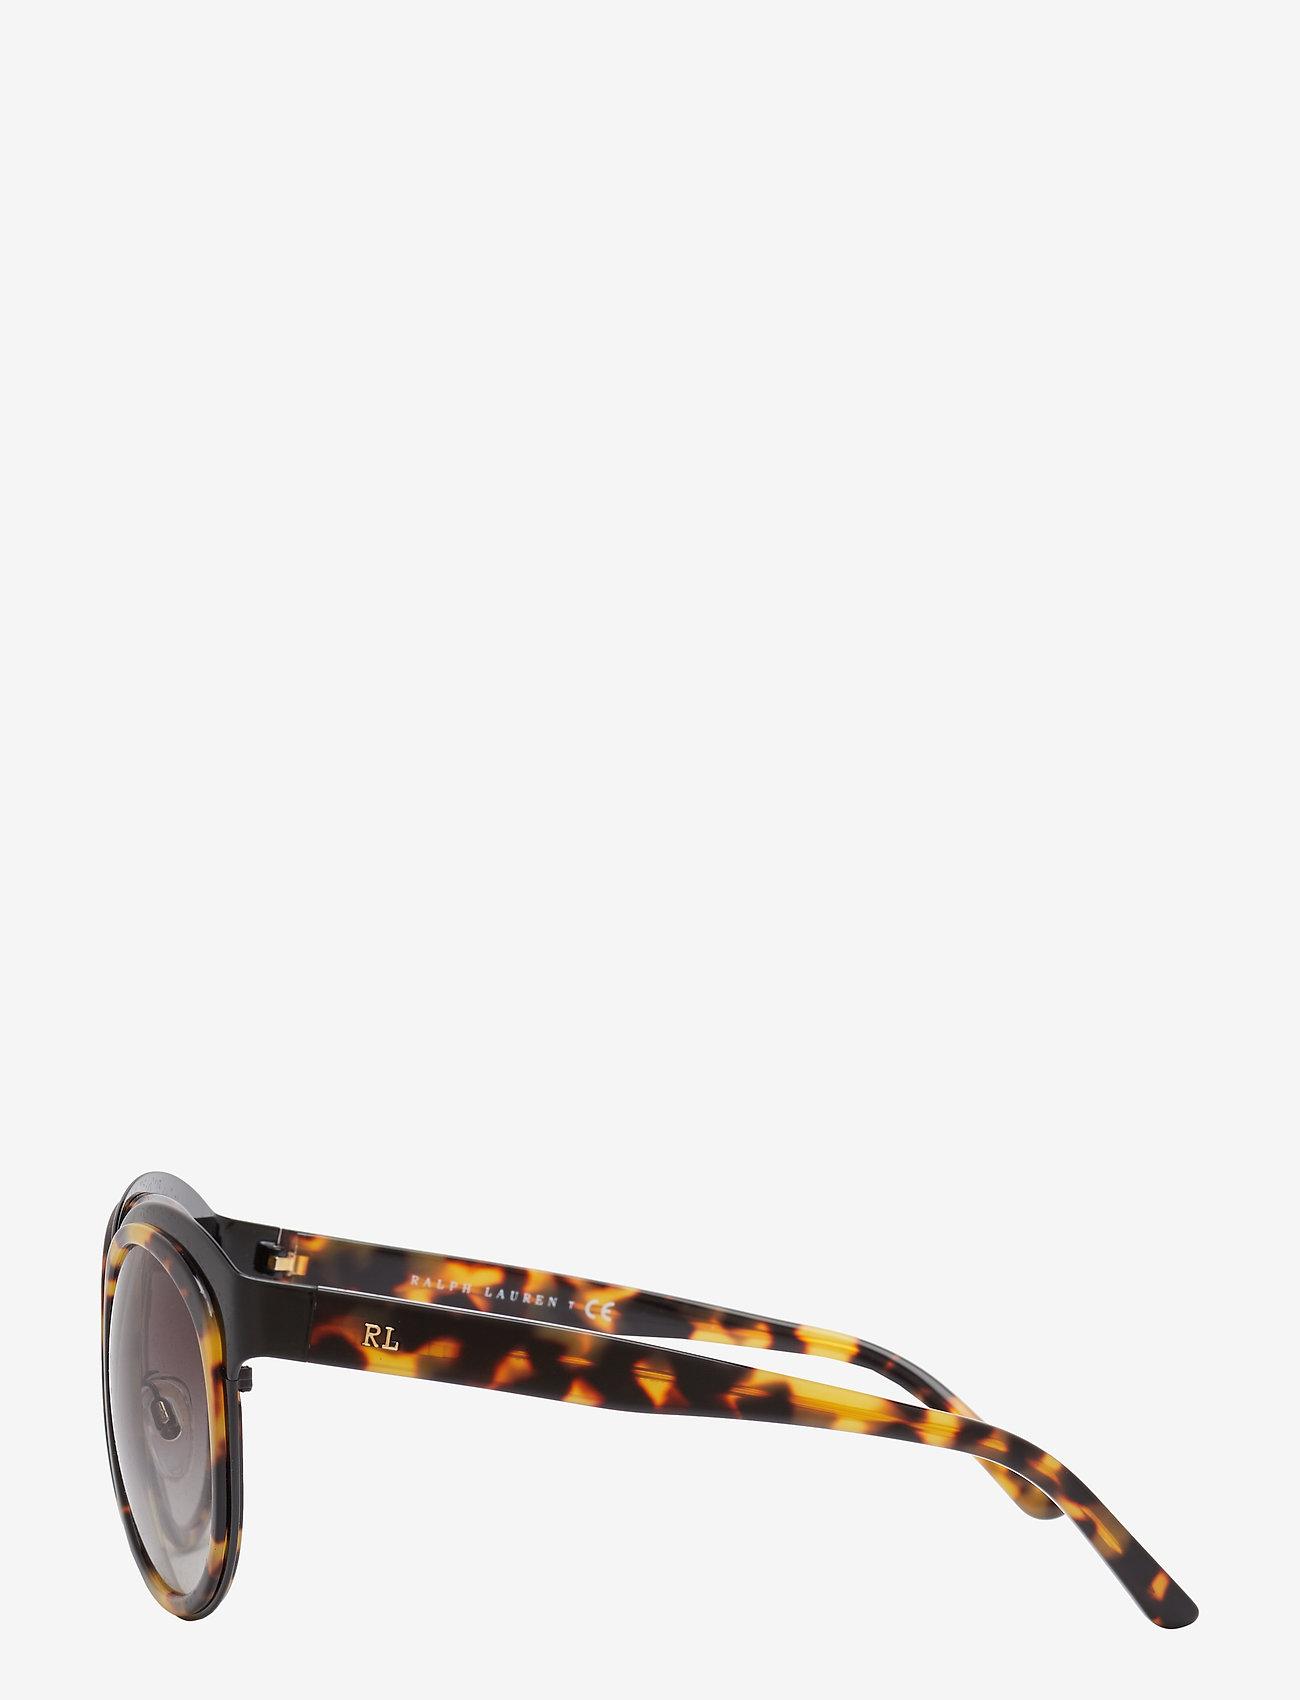 Ralph Lauren Sunglasses CORE COLL | RL B&G - Okulary przeciwsłoneczne SHINY BLACK/GRADIENT GREY - Akcesoria